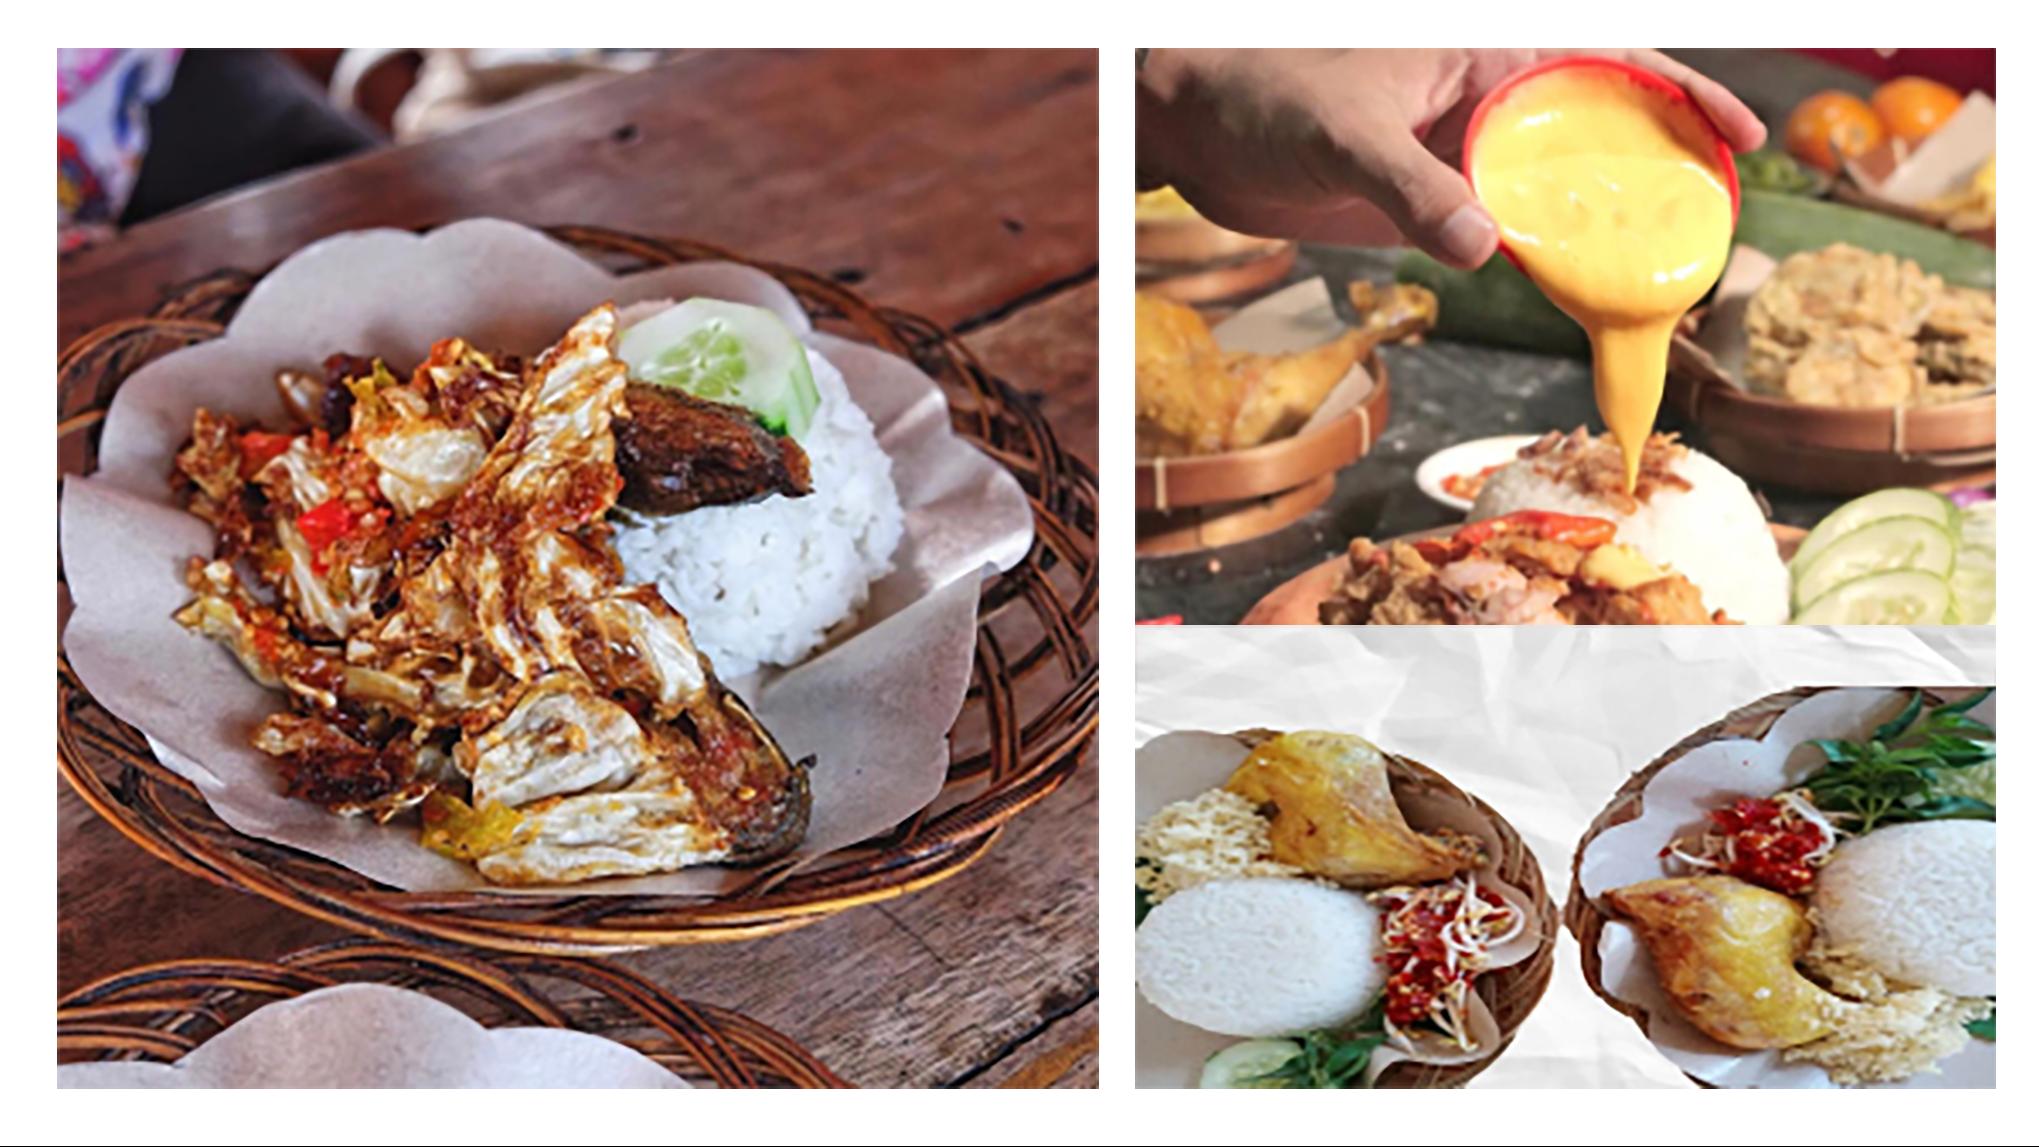 3 Rekomendasi Ayam Geprek yang bikin lidah bergoyang saat berkunjung ke jogja, Bukan cuma ayam pake sambel!!